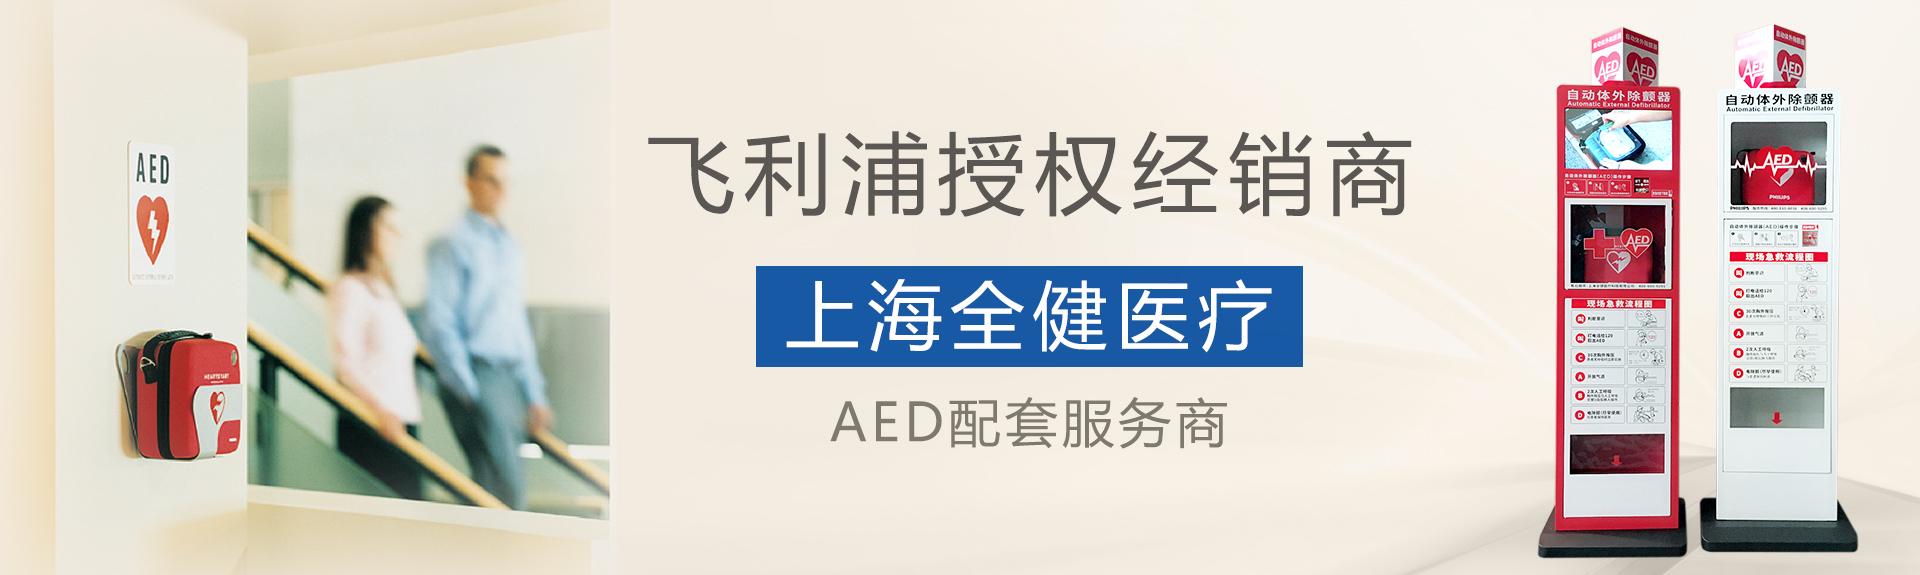 飞利浦授权经销商,上海全健医疗,AED配套服务商